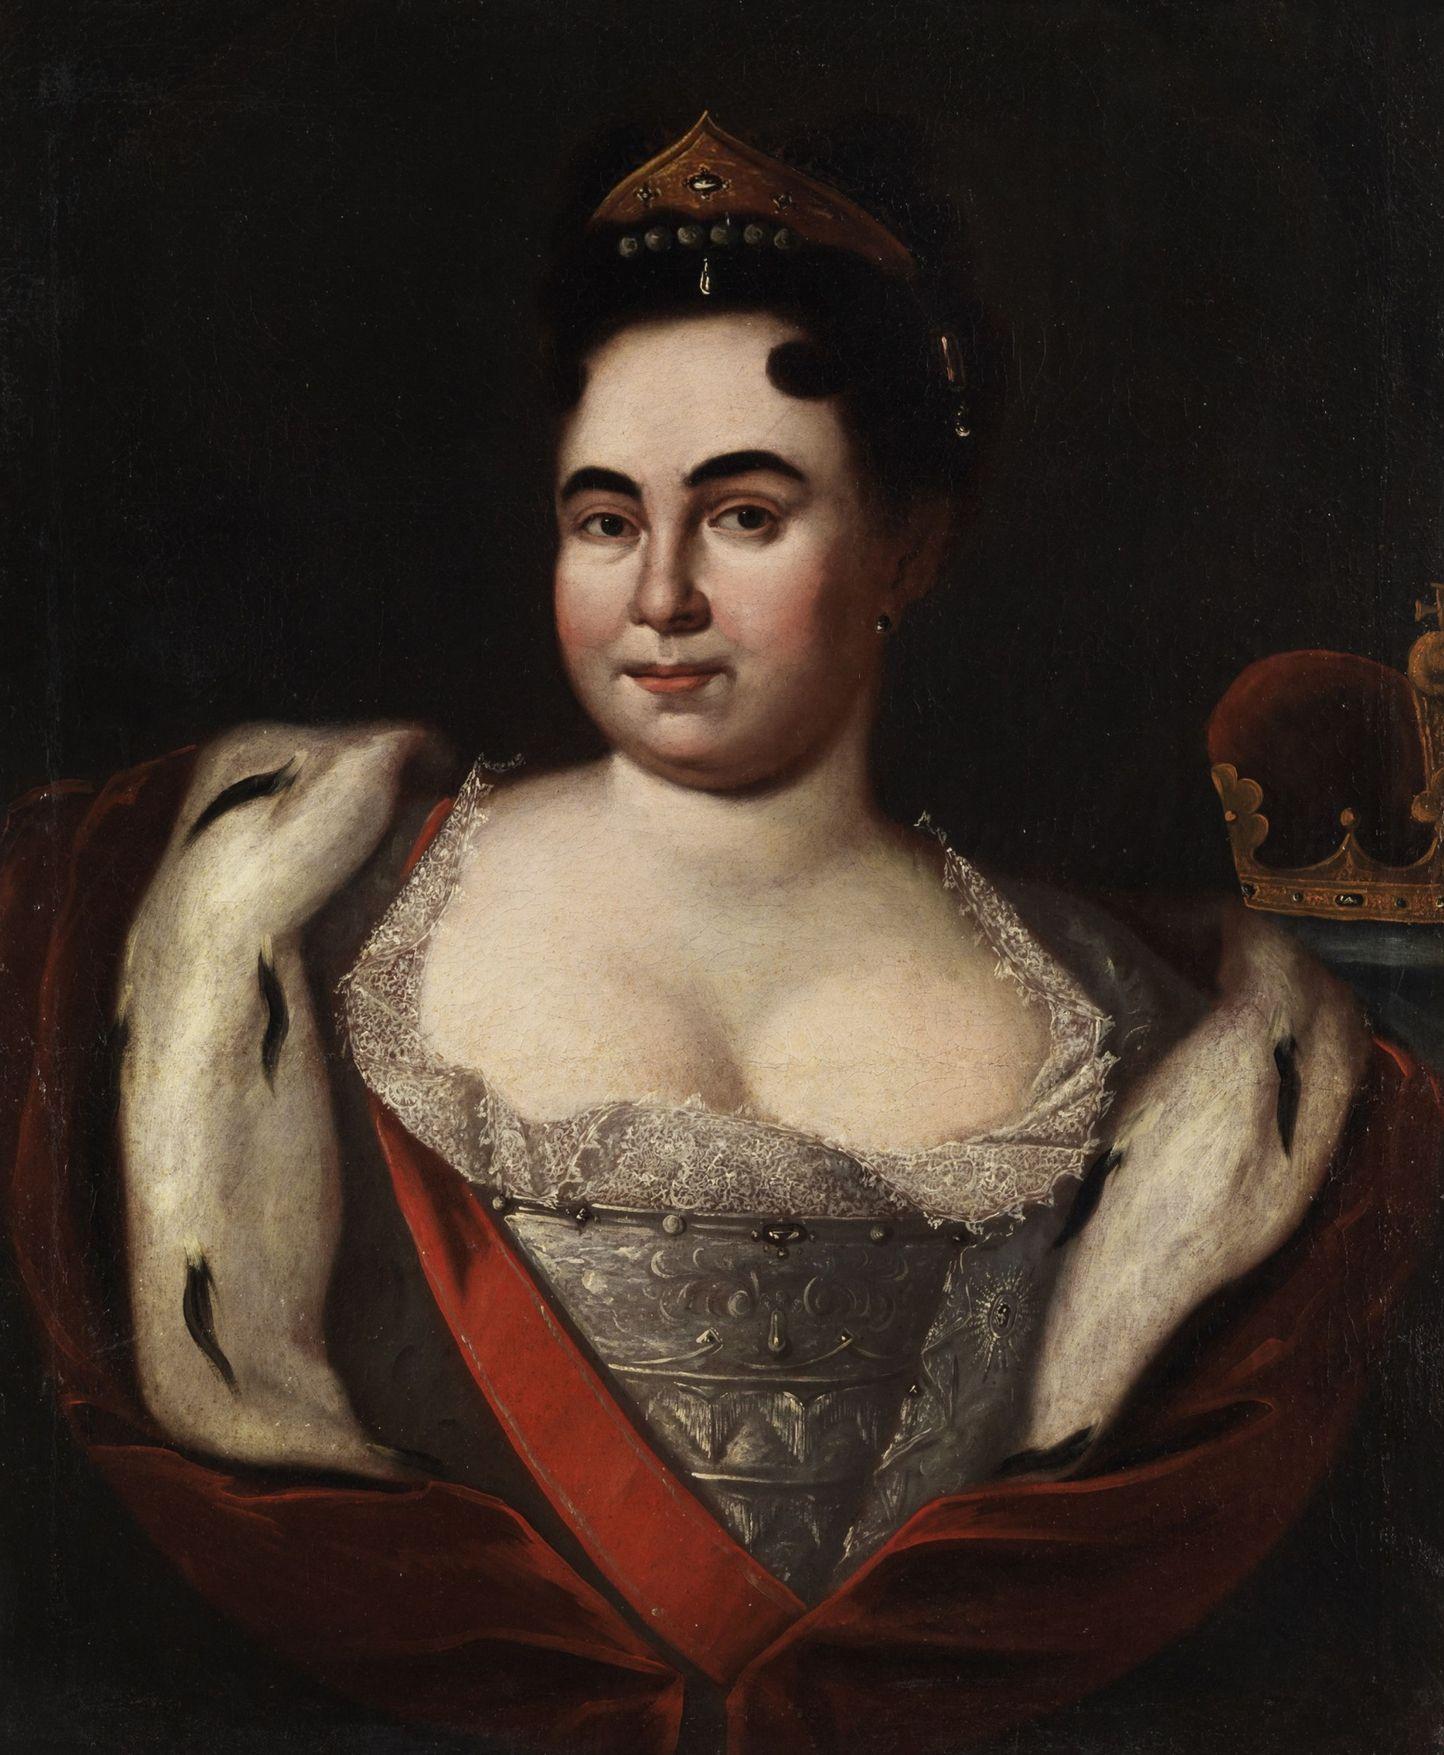 Katarzyna nie była klasyczną pięknością, za to lubiła się śmiać i nie wylewała za kołnierz. Zadowalała Piotra pod każdym względem (źródło: domena publiczna).